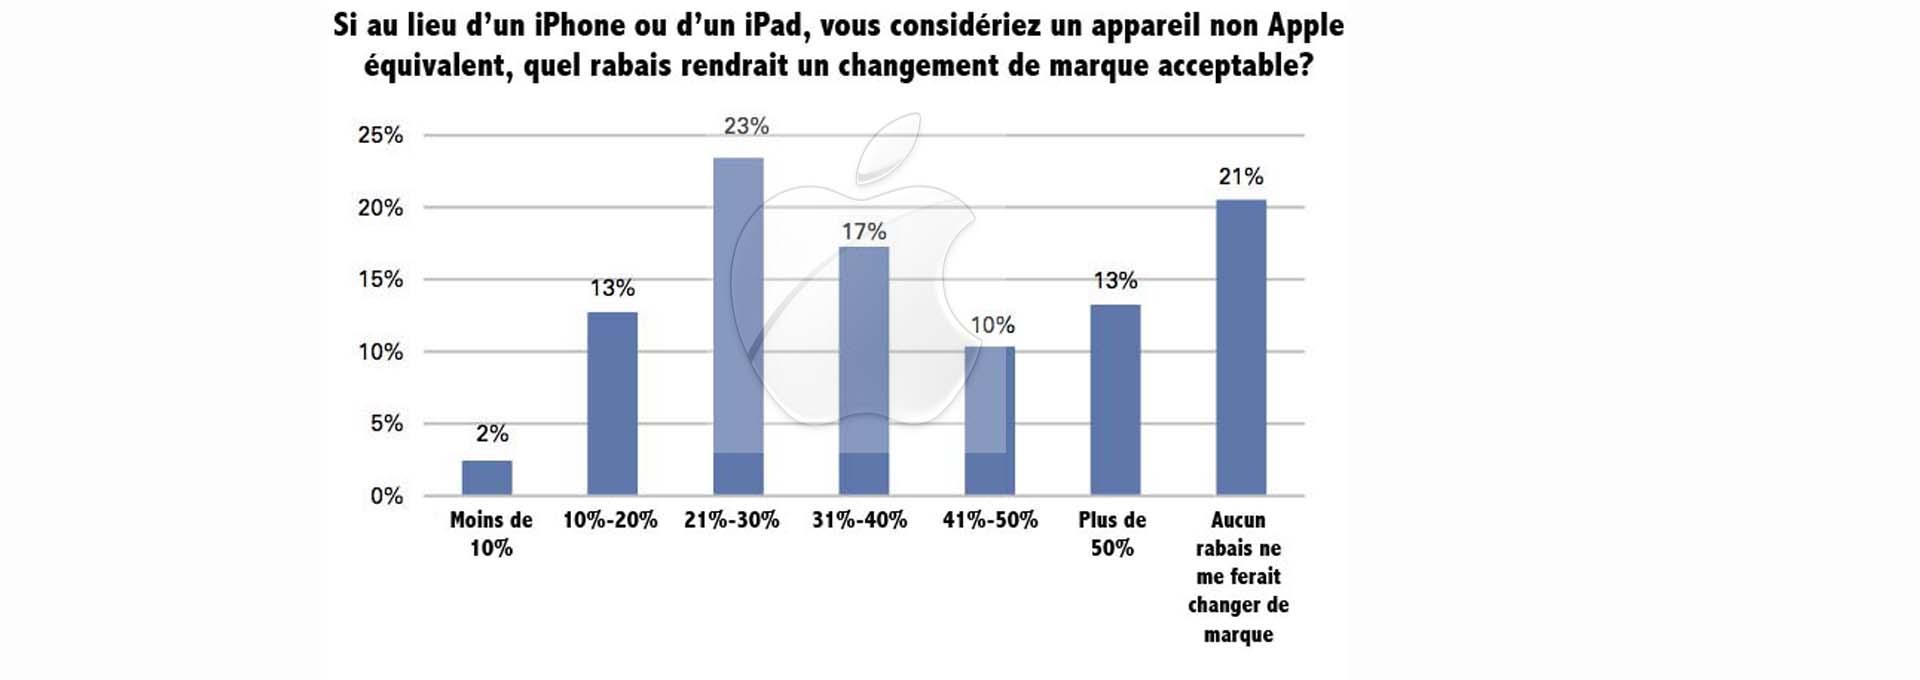 21% des utilisateurs d'iPhone et d'iPad n'abandonneraient Apple pour rien au monde